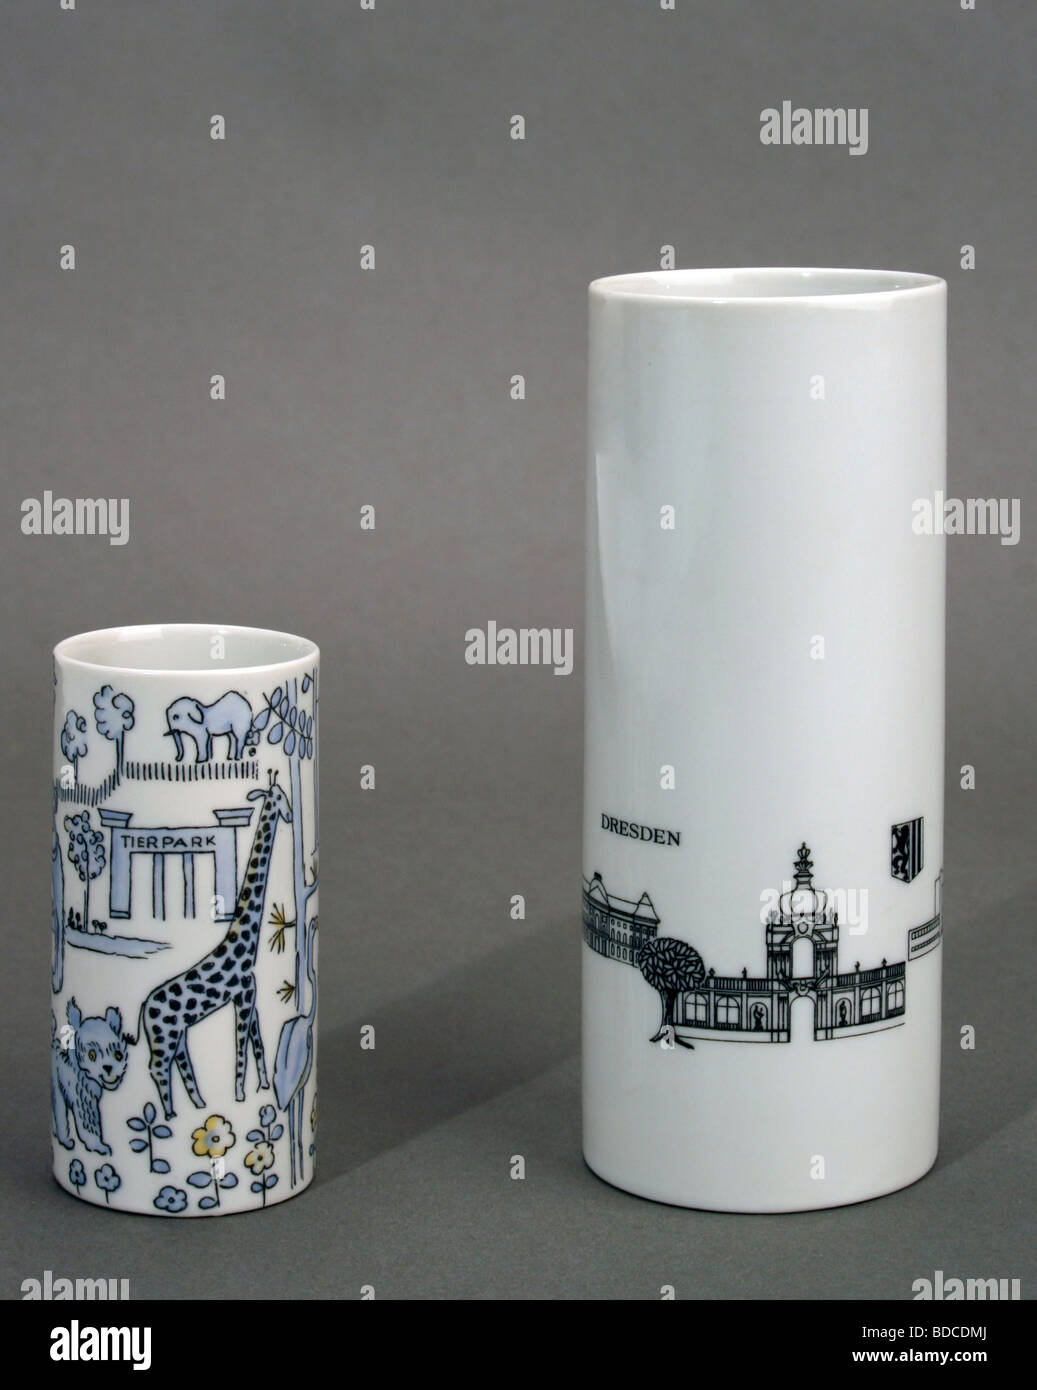 fine arts, porcelain, vase, porcelain vases, decorated, made